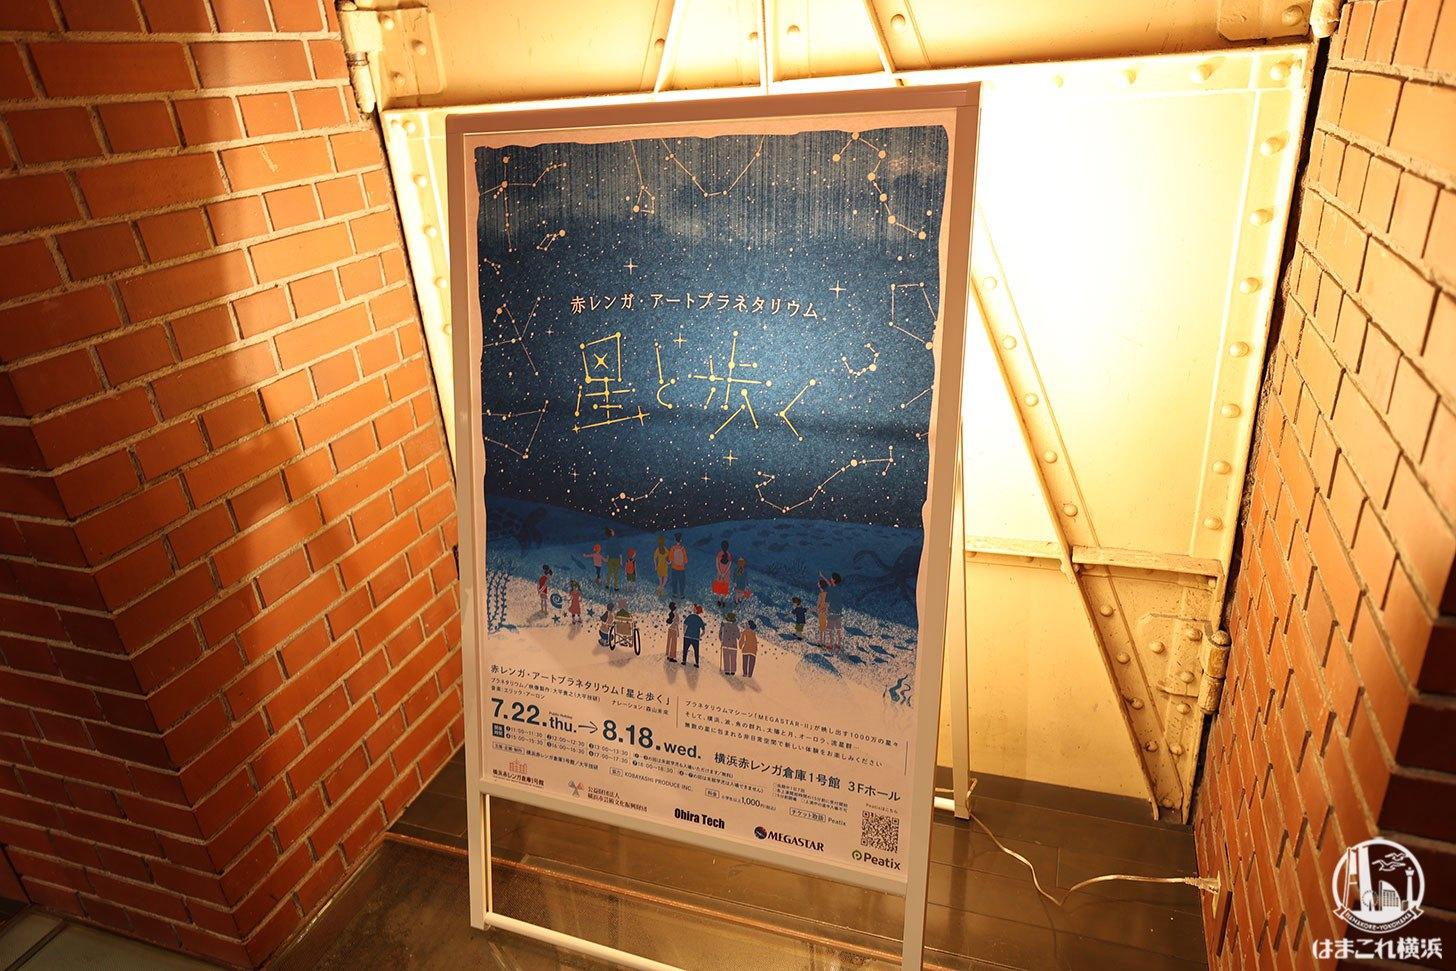 赤レンガ・アートプラネタリウム「星と歩く」入口